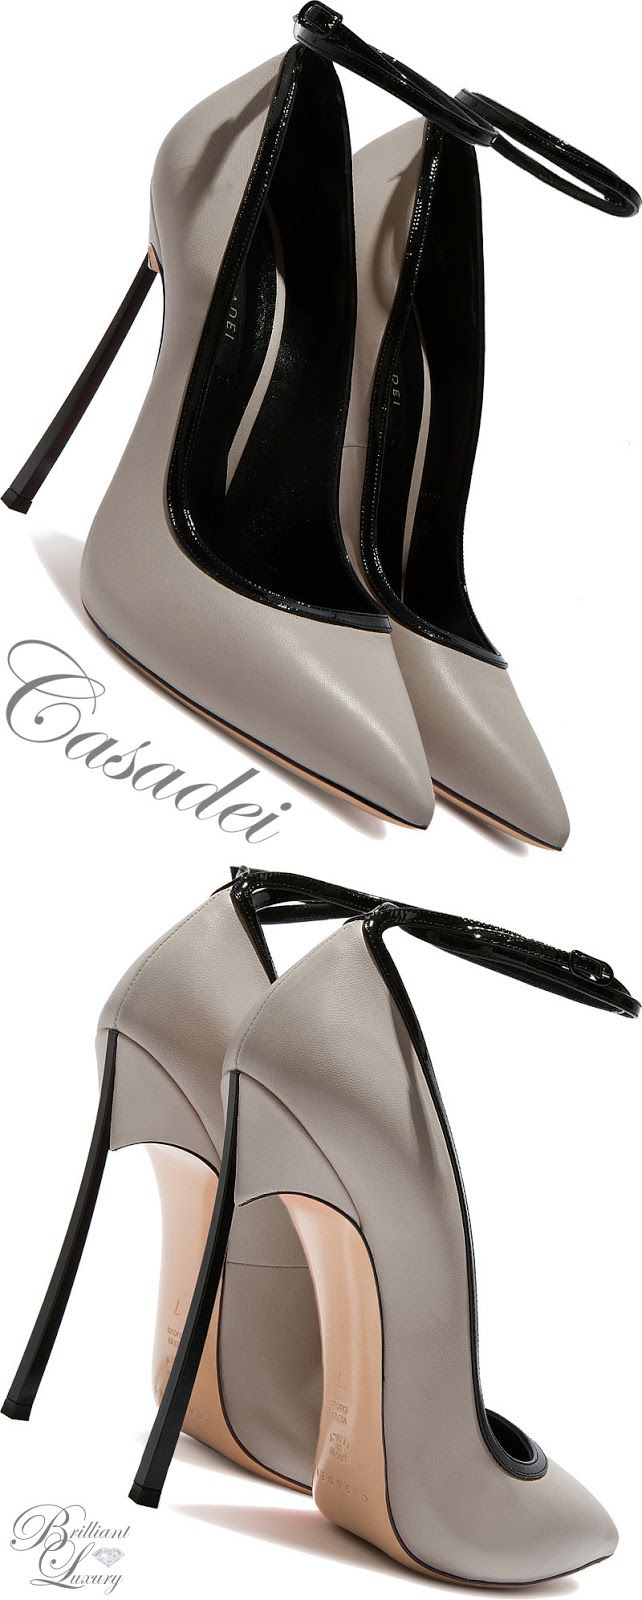 Brilliant Luxury by Emmy DE * Cesare Casadei 'Blade'